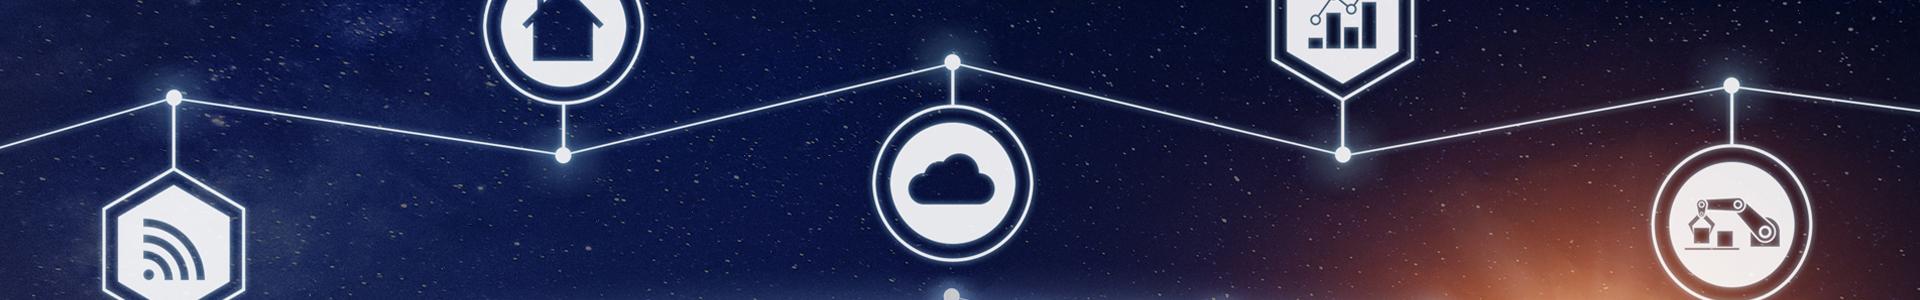 Internet of Things Platform | Olameter